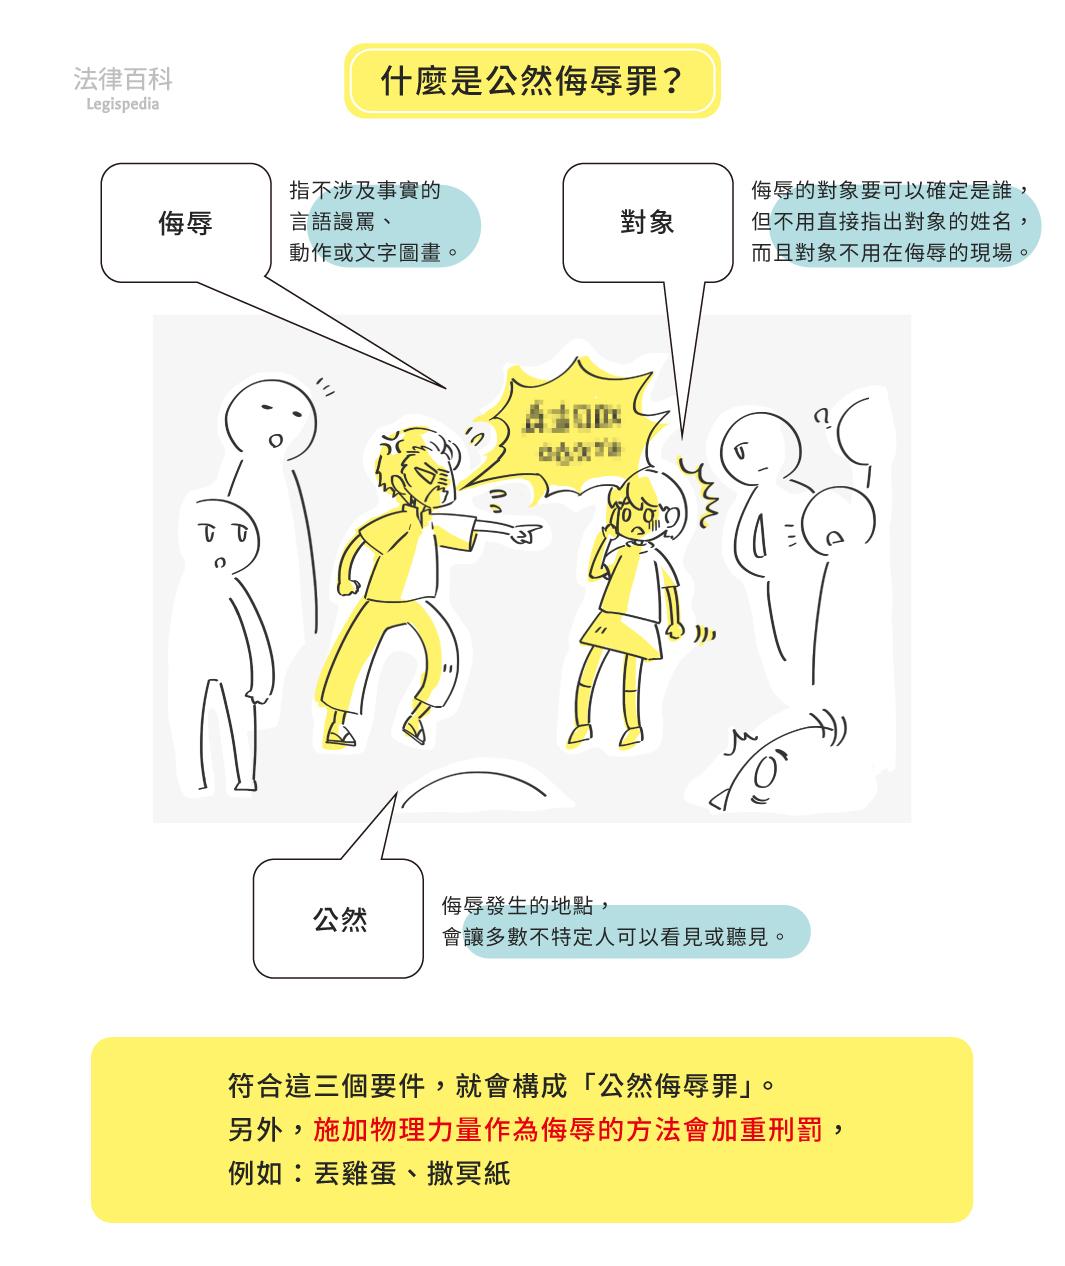 圖1 什麼是公然侮辱罪?  資料來源:蔡文元 / 繪圖:Yen